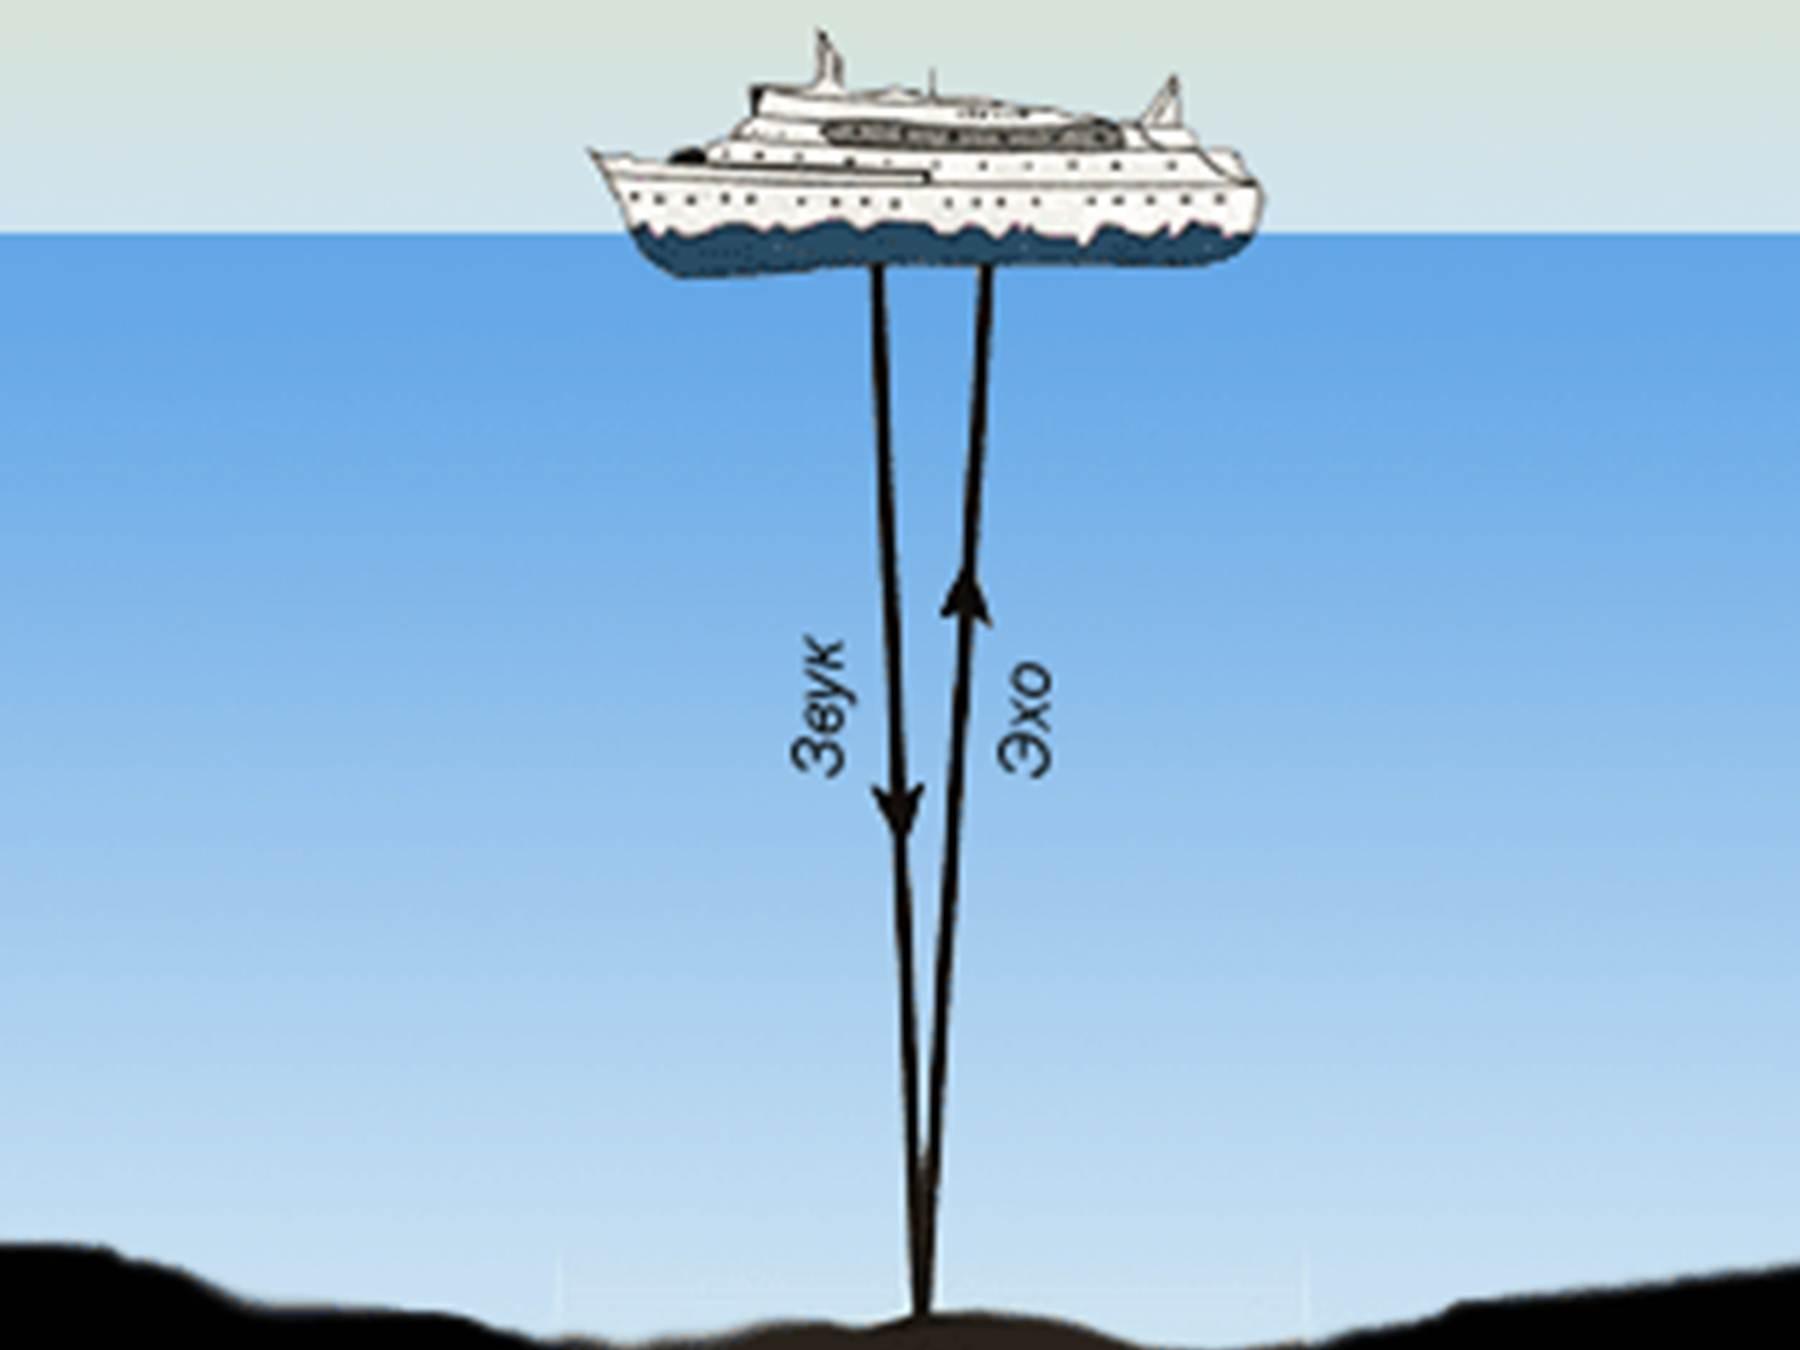 звуки подводного эхолота